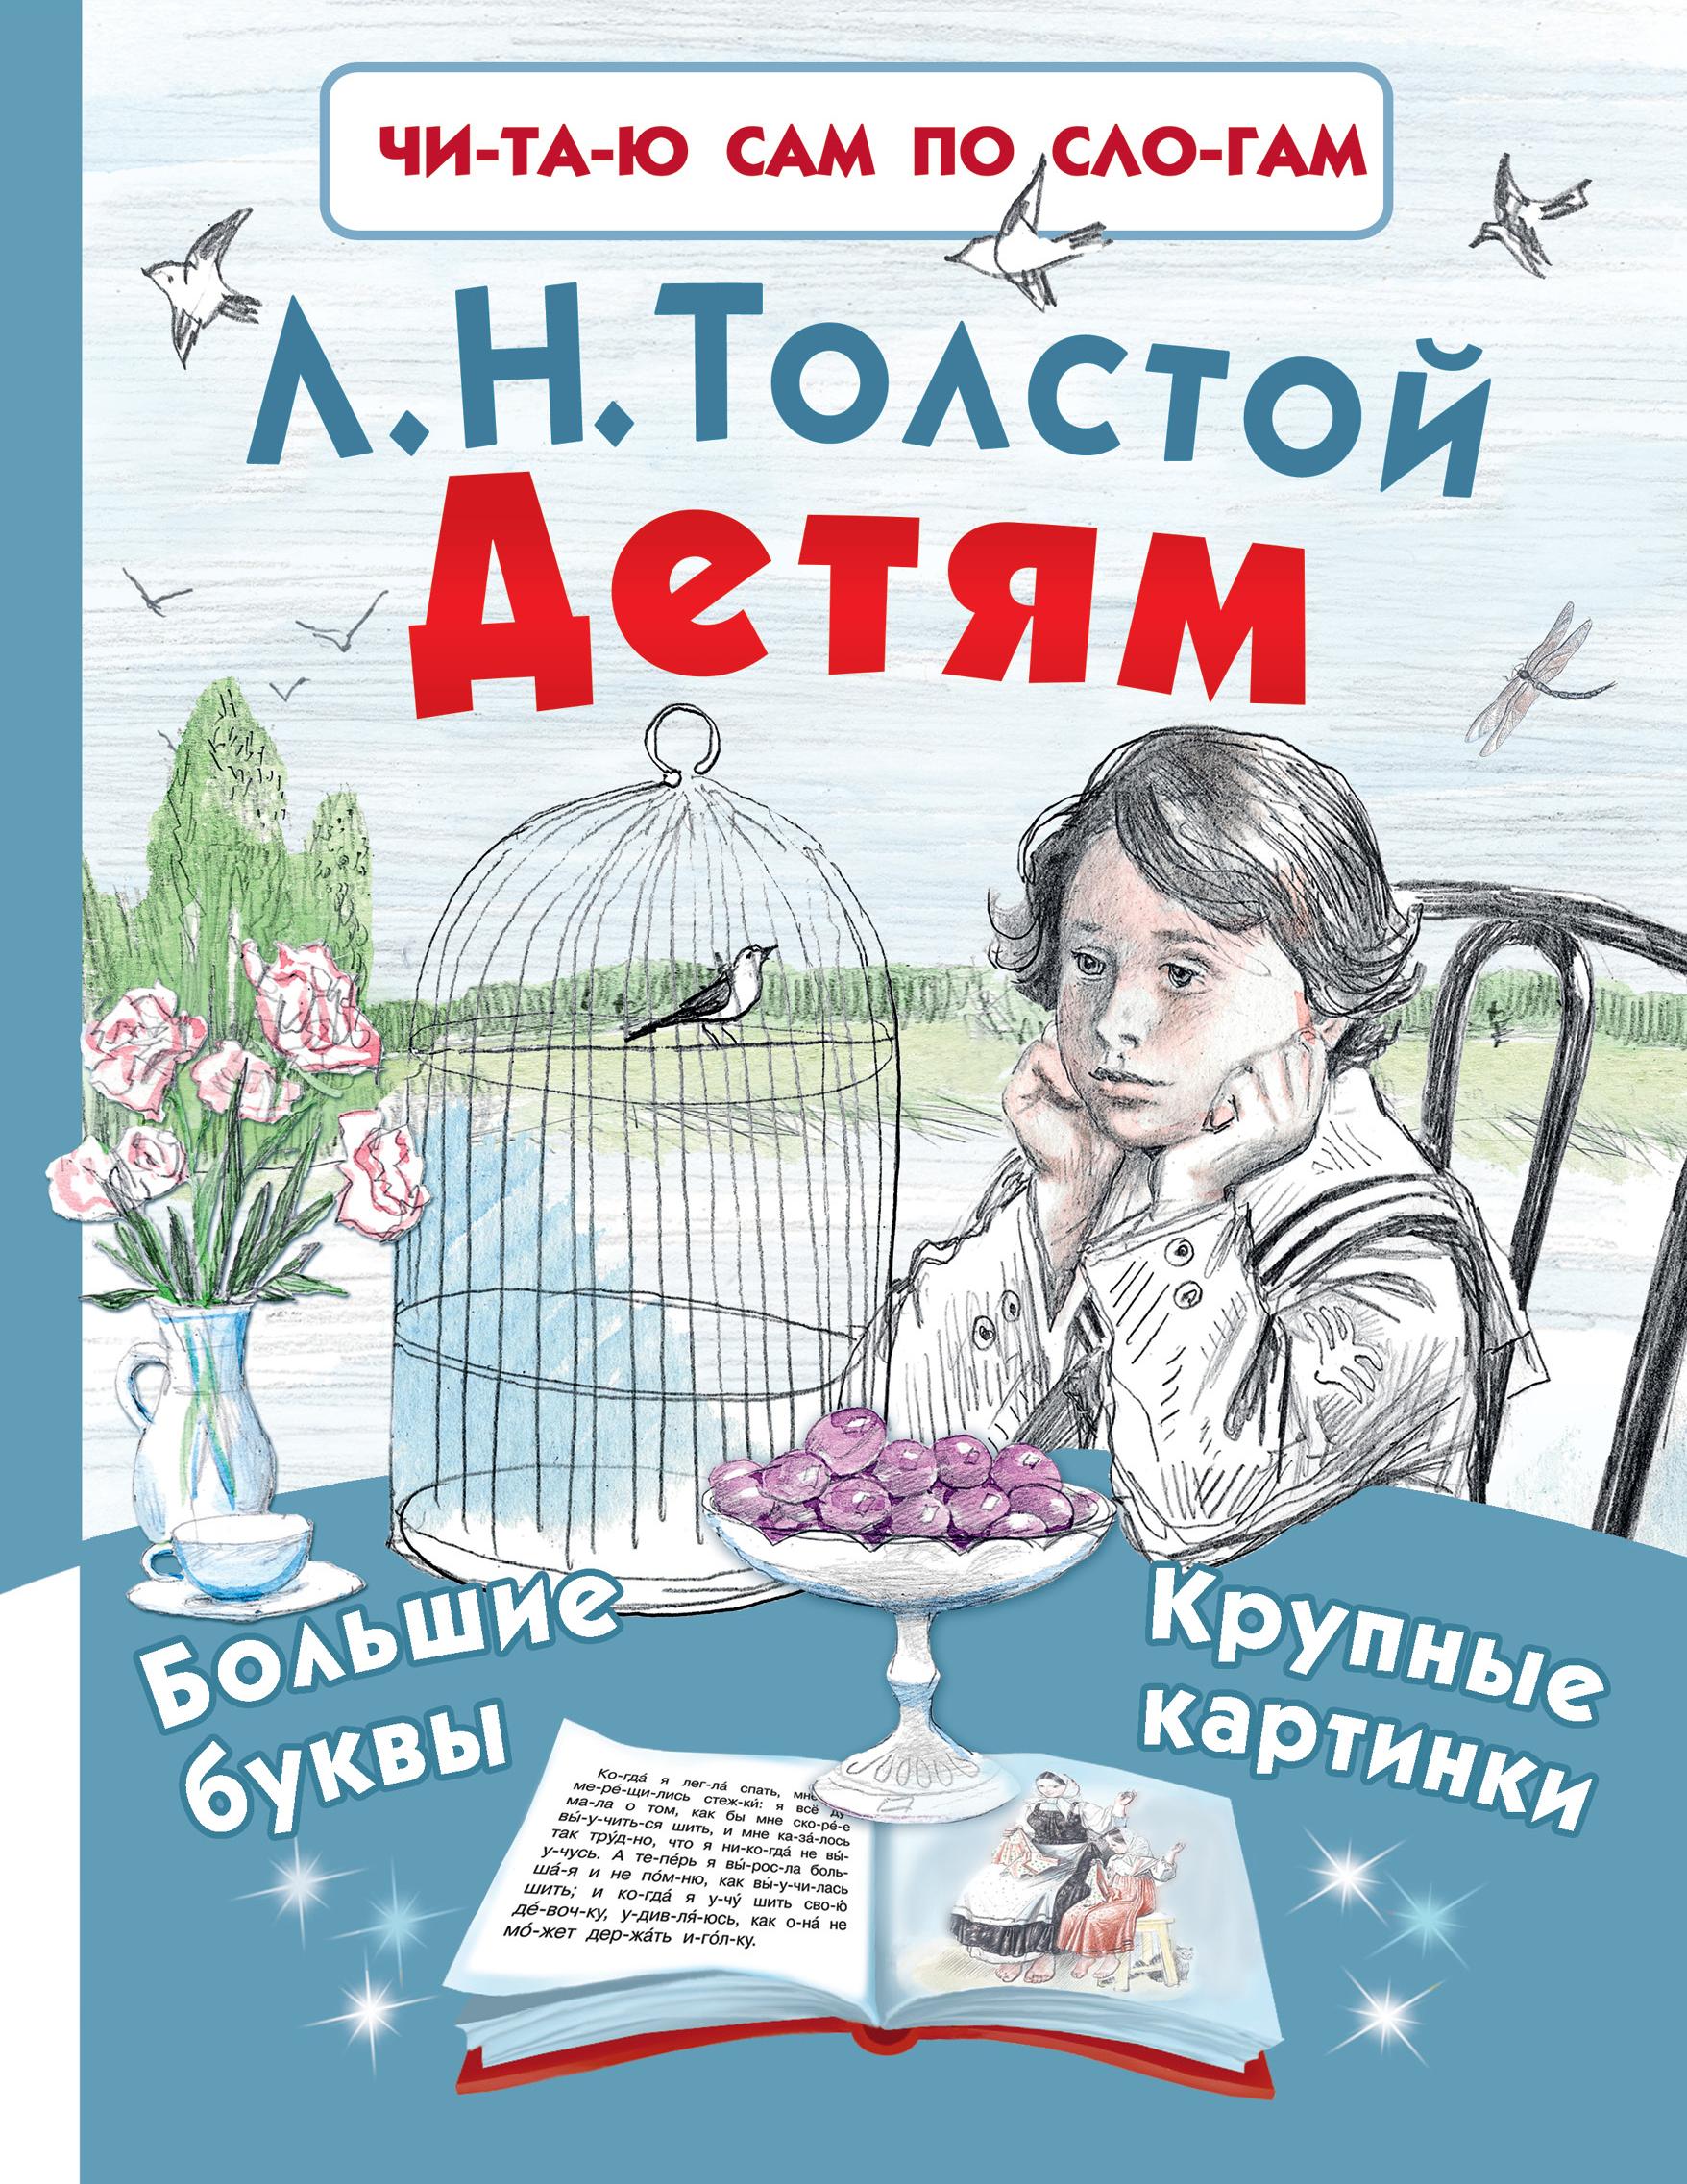 Толстой Л.Н. Детям мастер класс басни с моралью